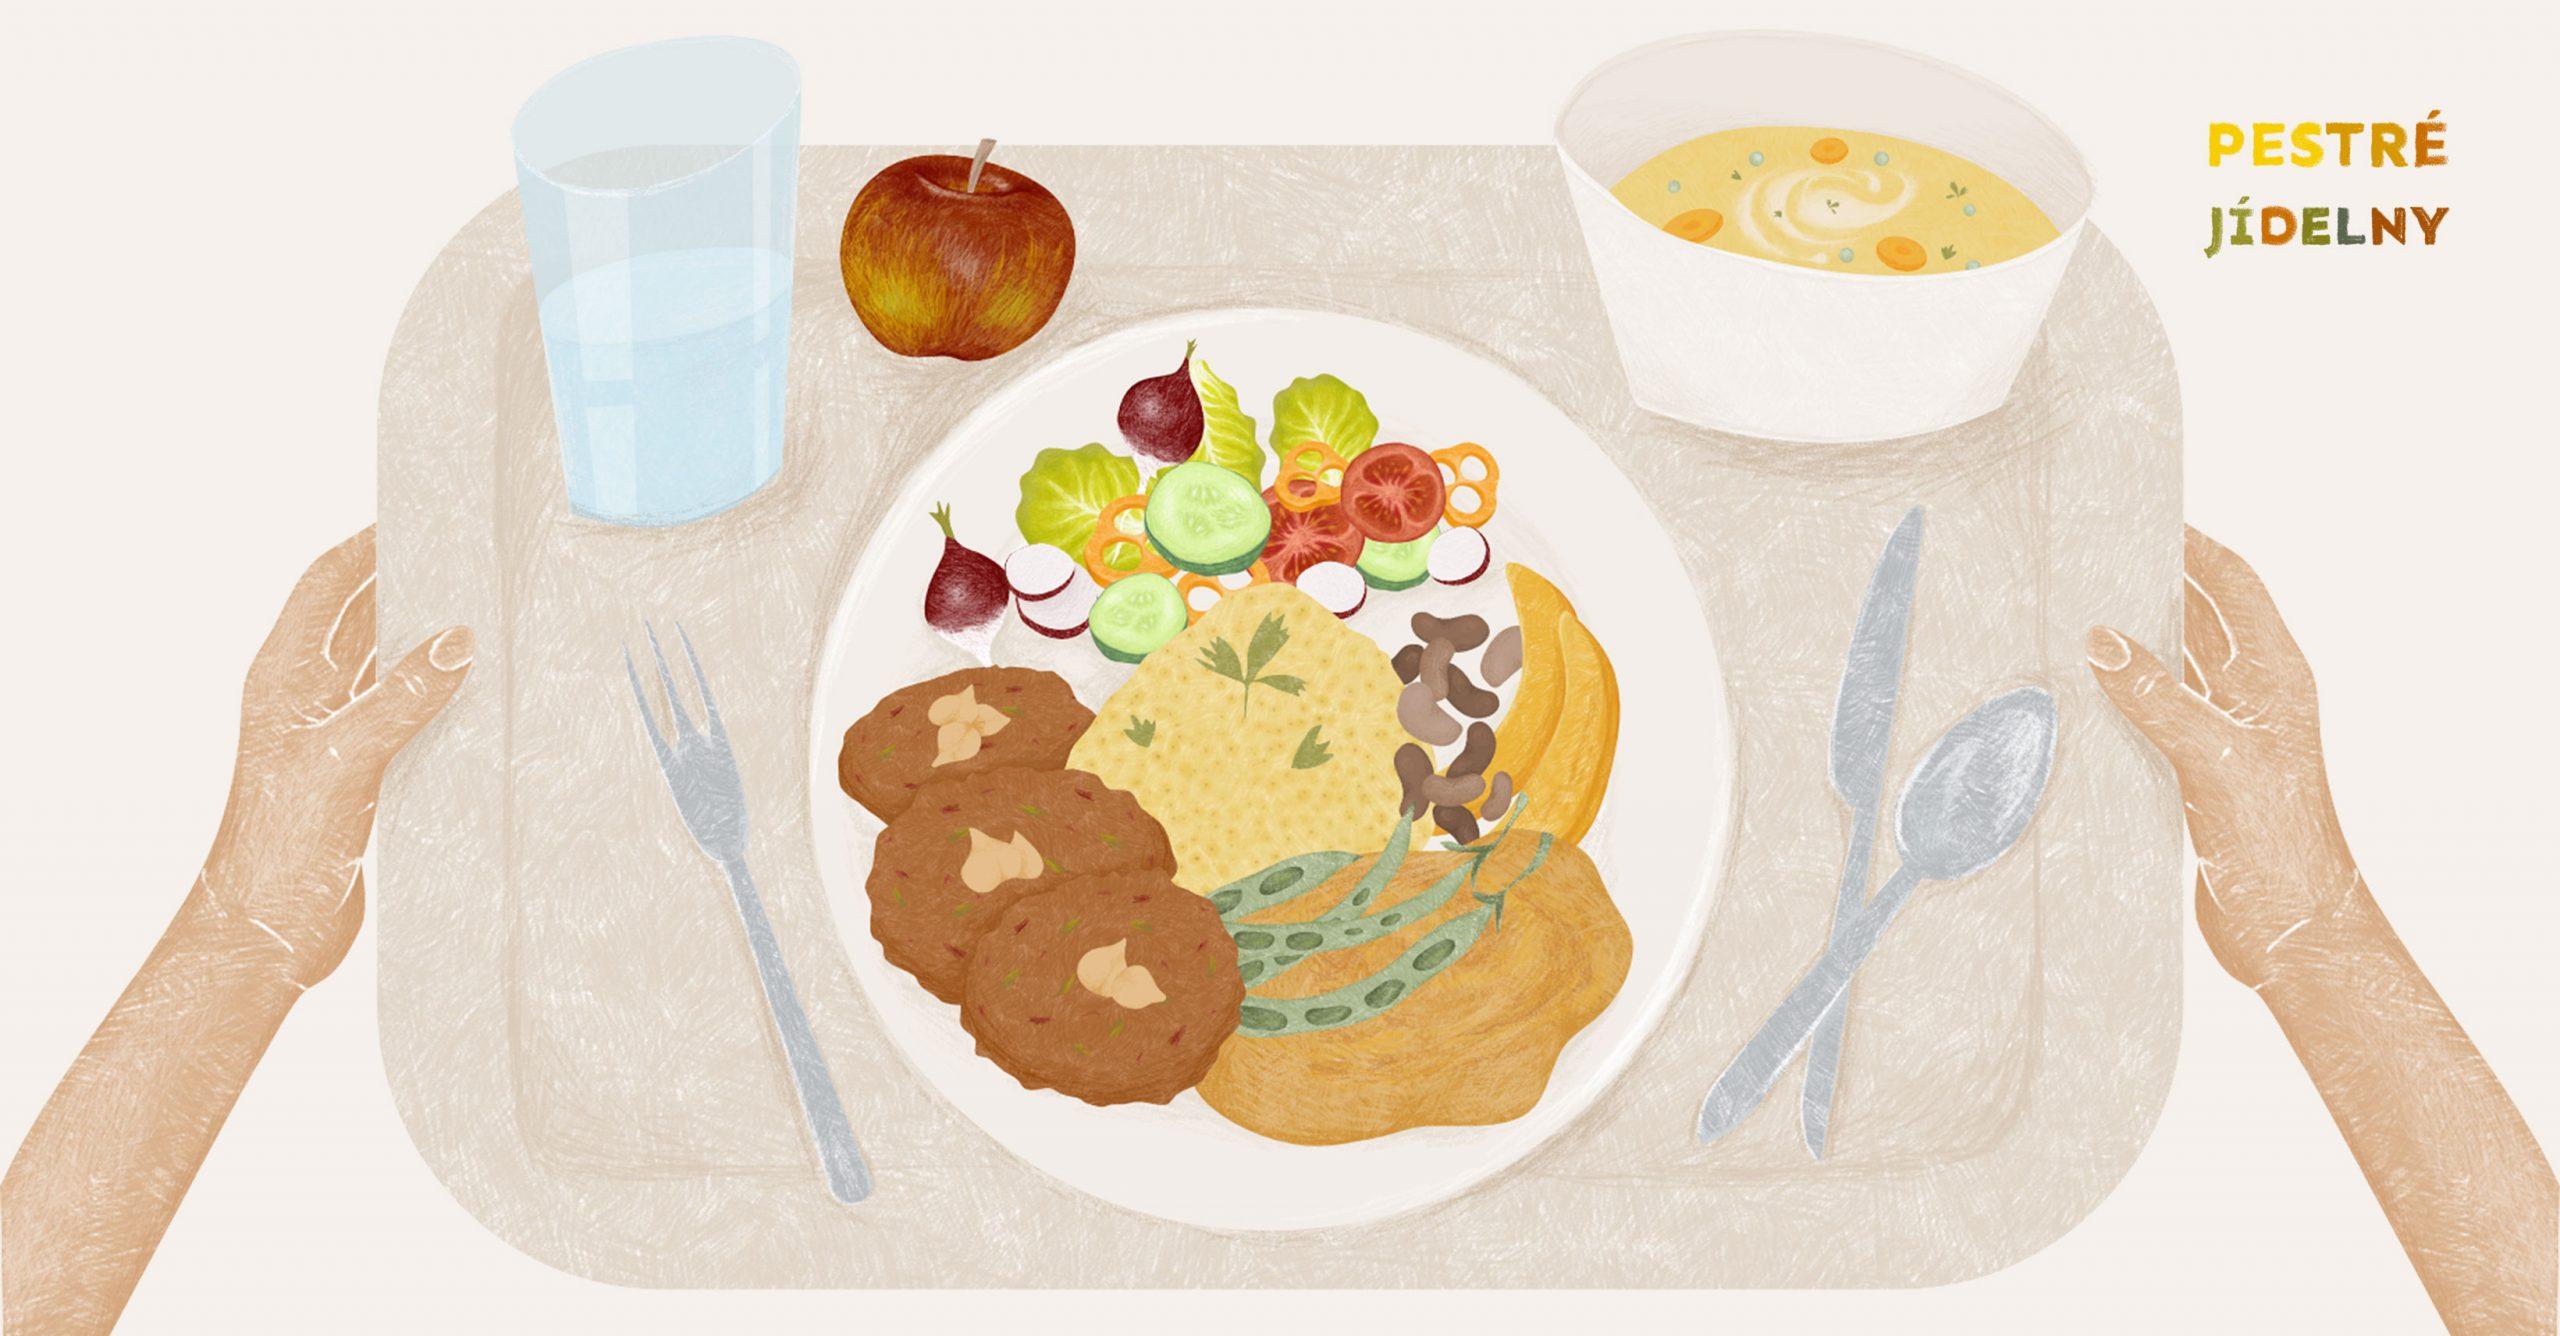 Pestré jídelny chtějí zdravou školní kuchyni pro všechny